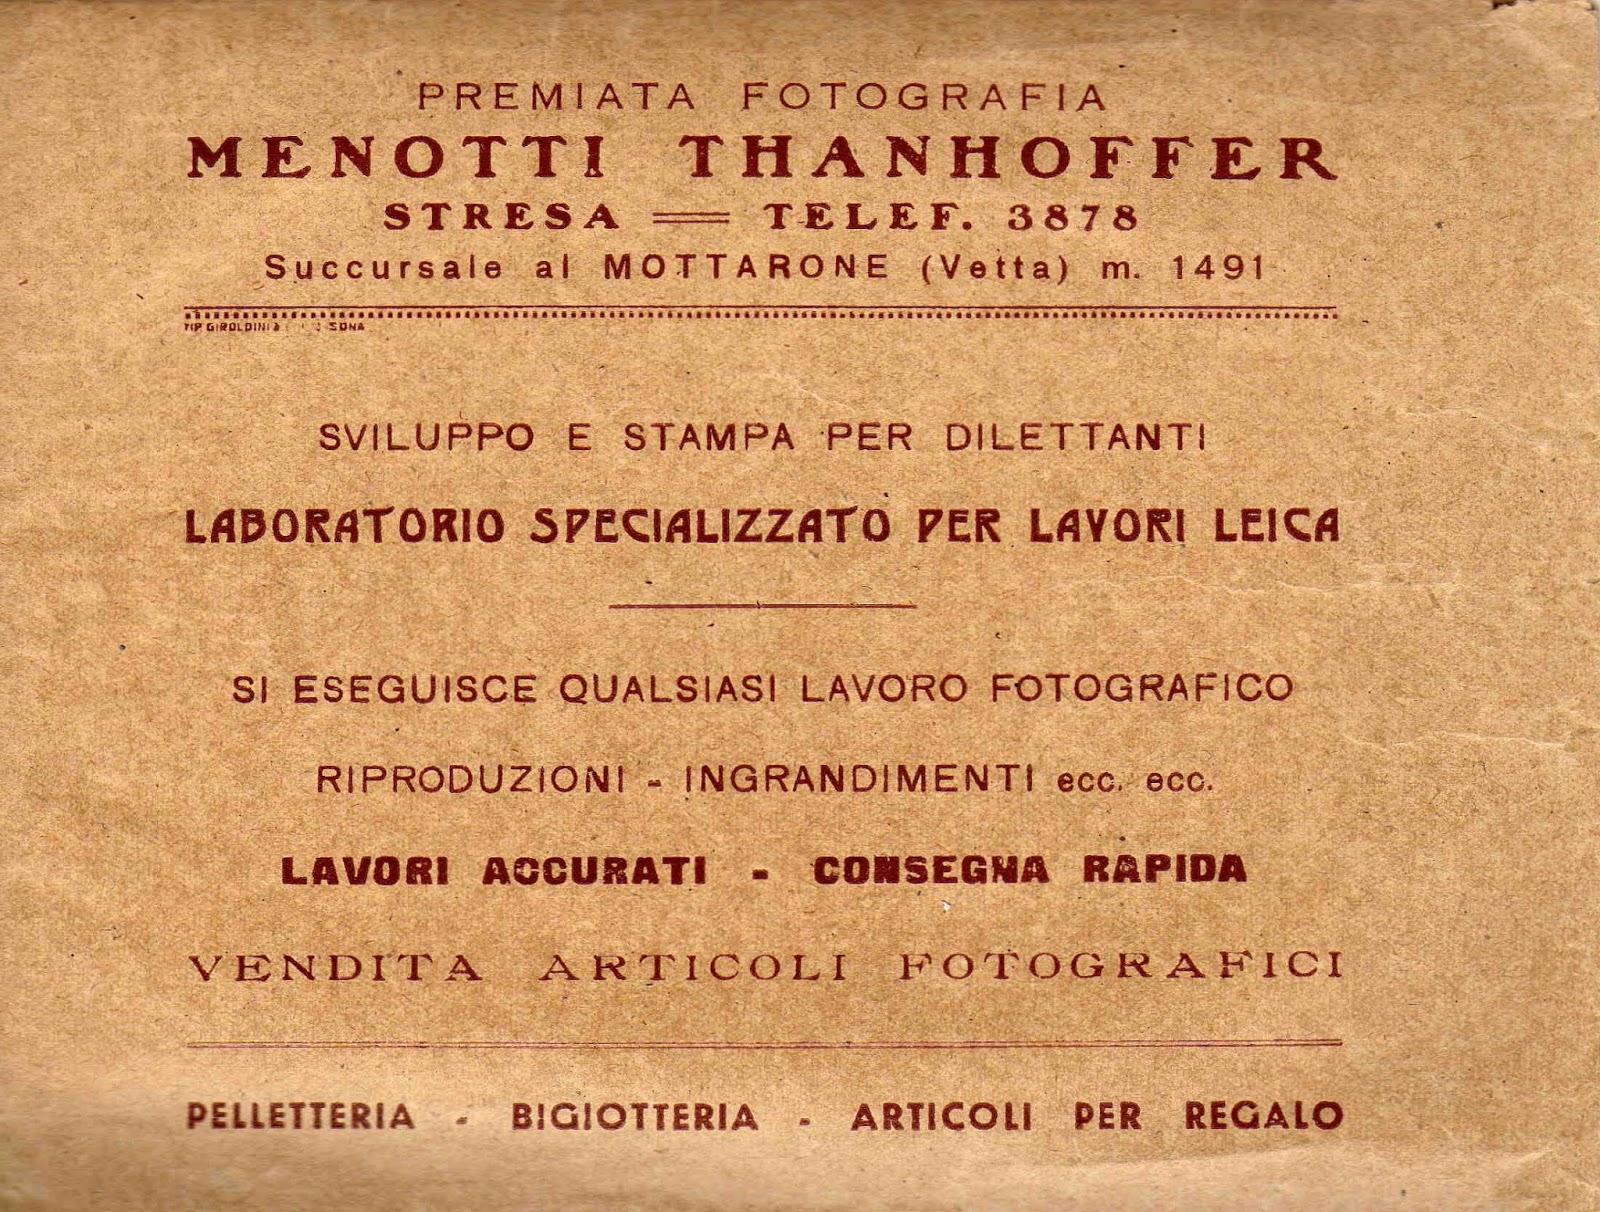 Spot merciali pubblicati su Il Gazzettino tra il 1950 ed il 1960